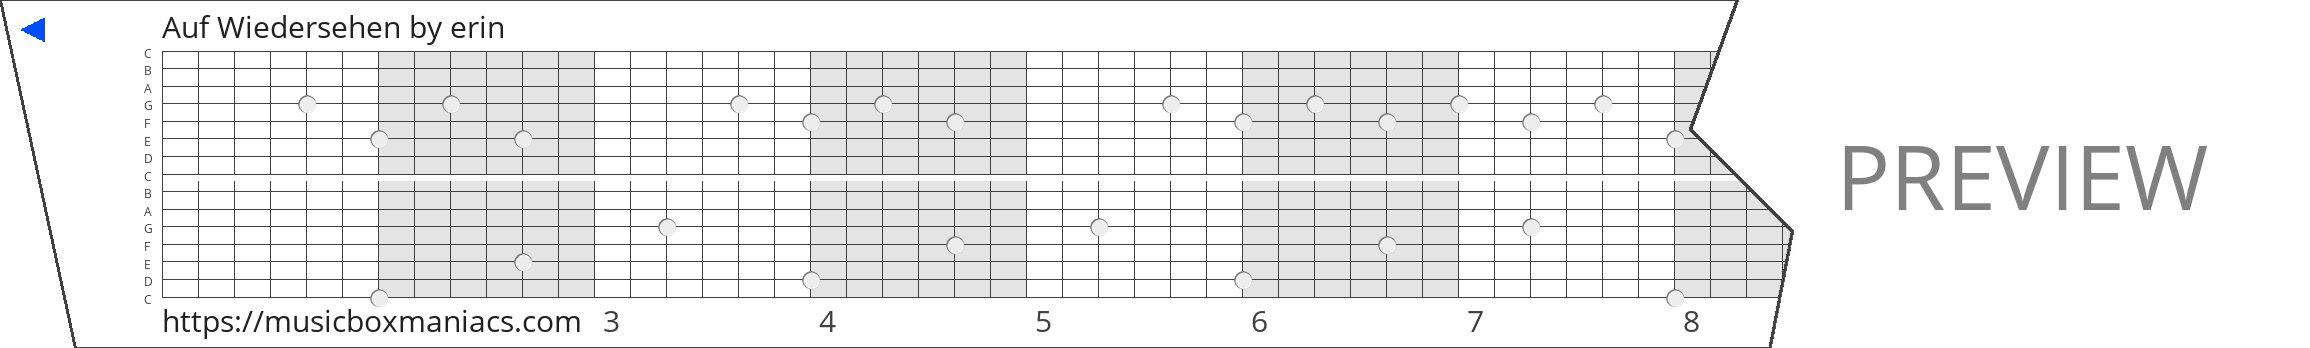 Auf Wiedersehen 15 note music box paper strip